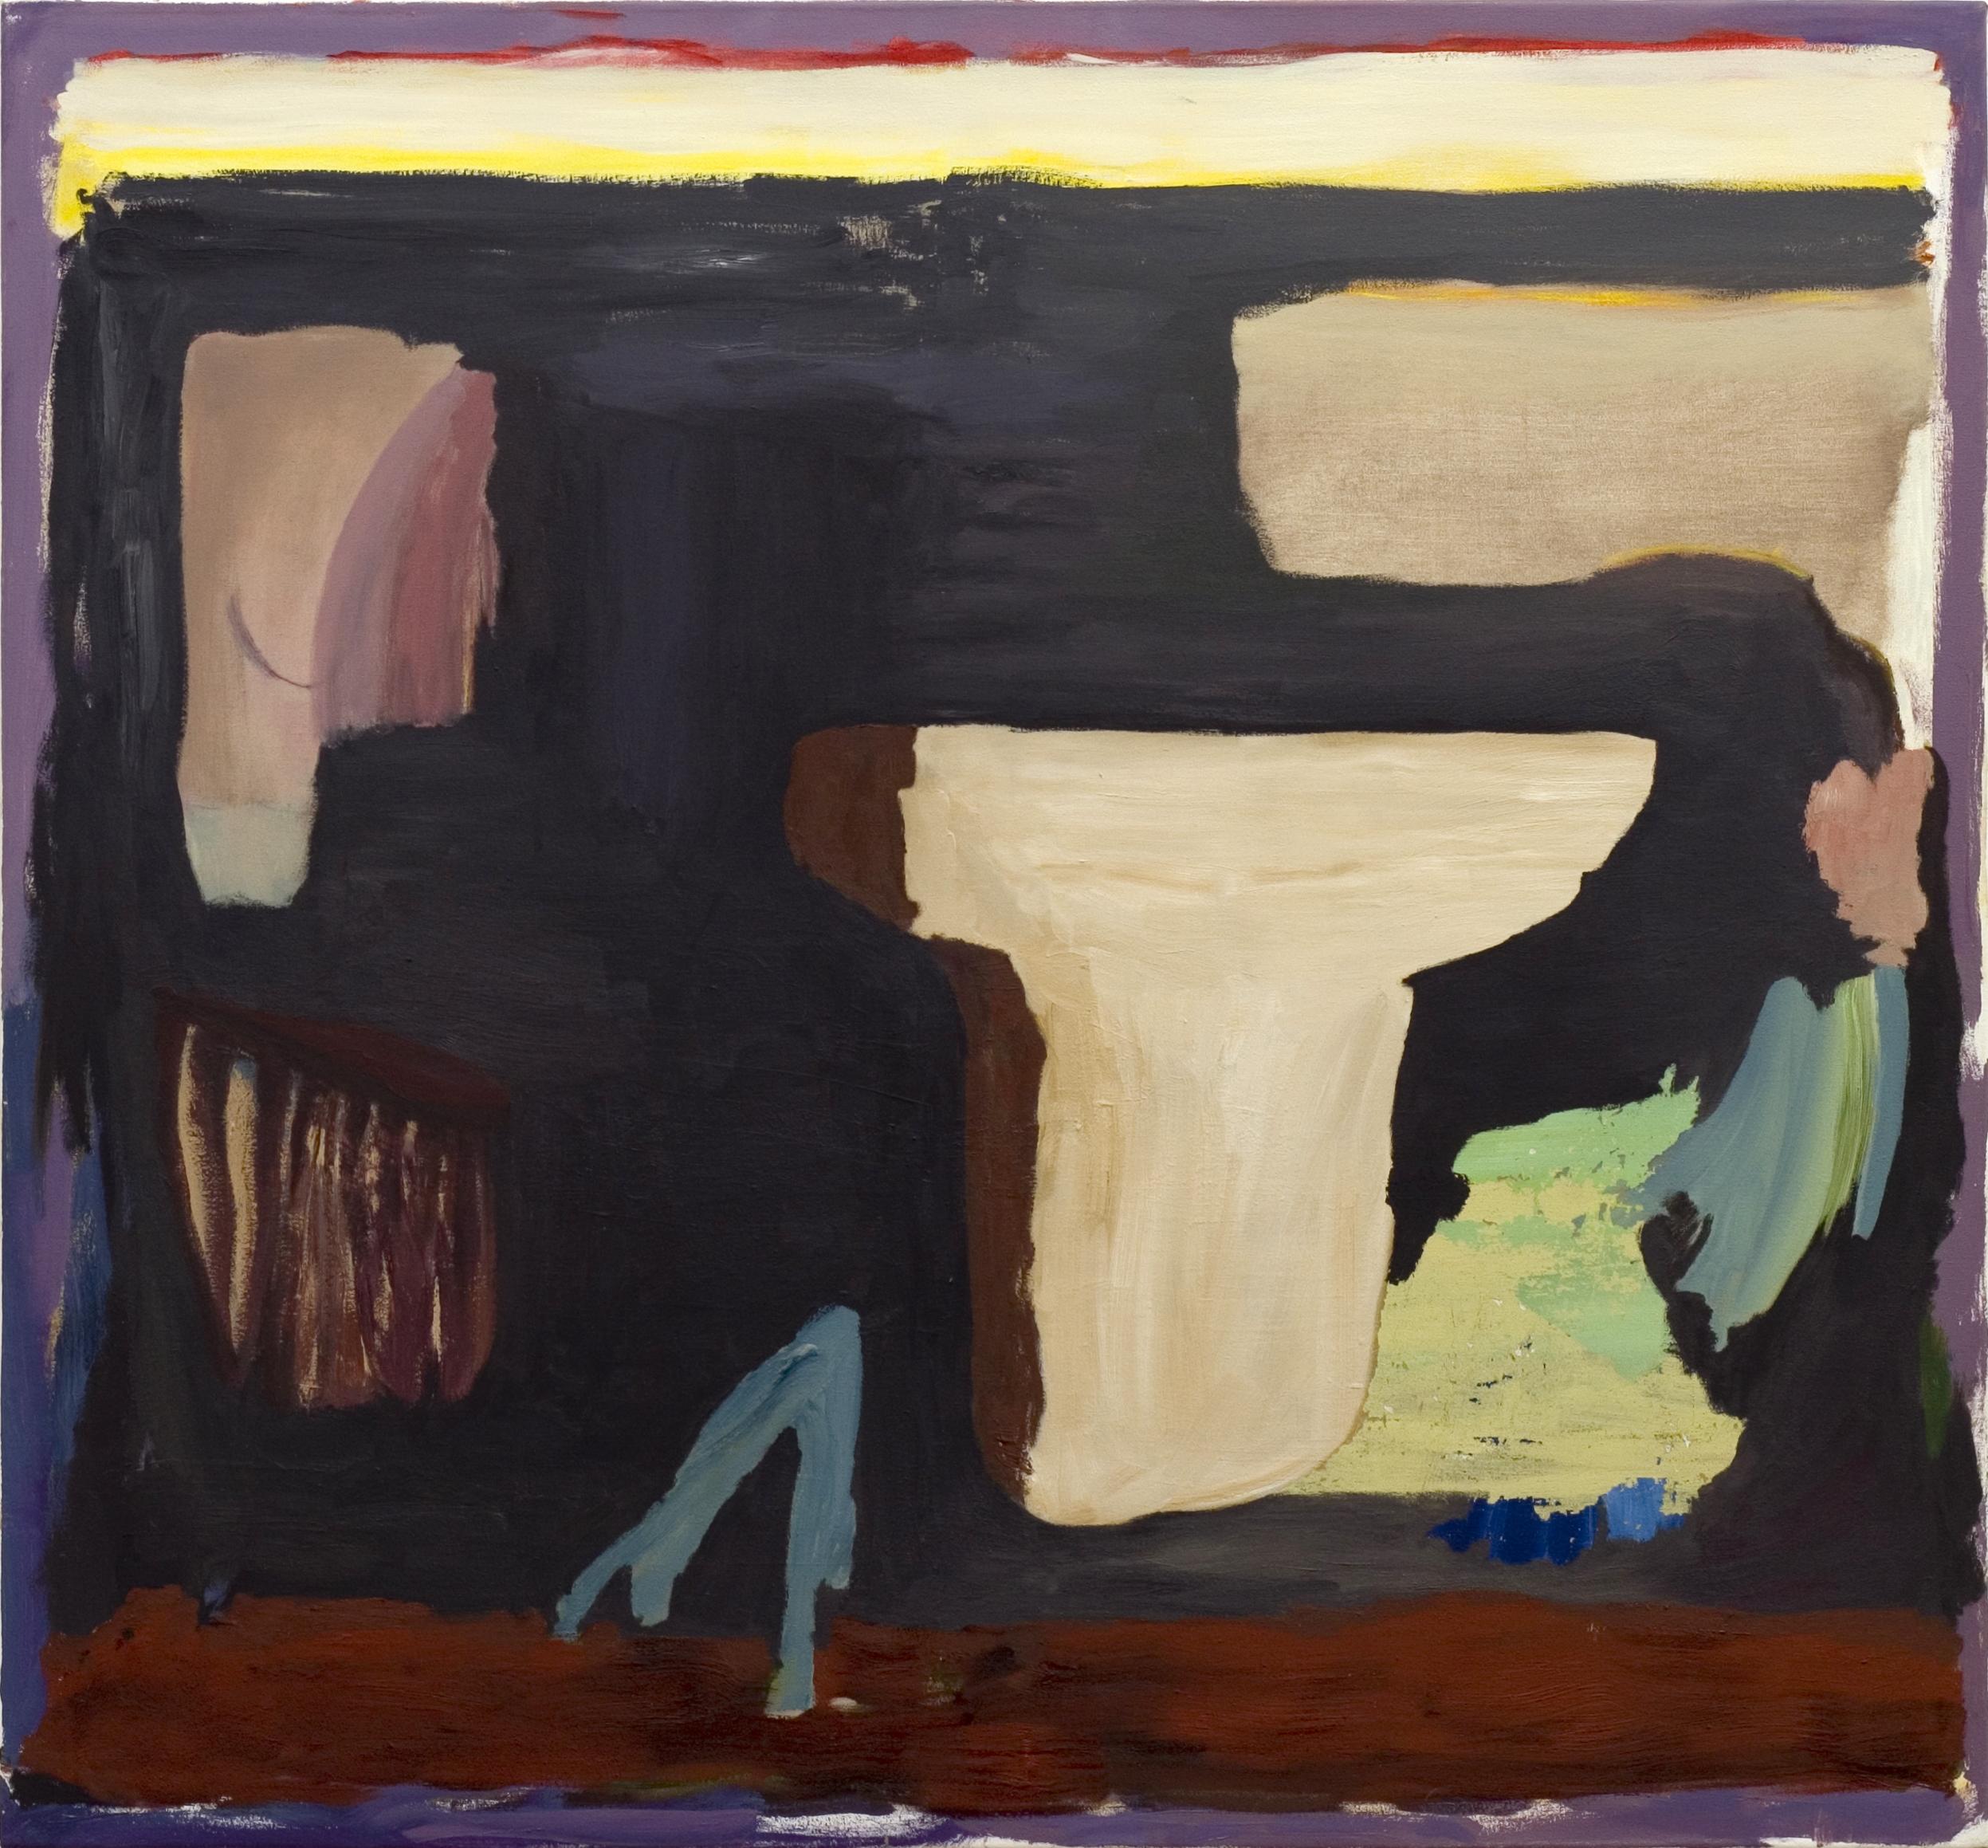 ohne Titel, Öl auf Leinwand, 130 x 140 cm